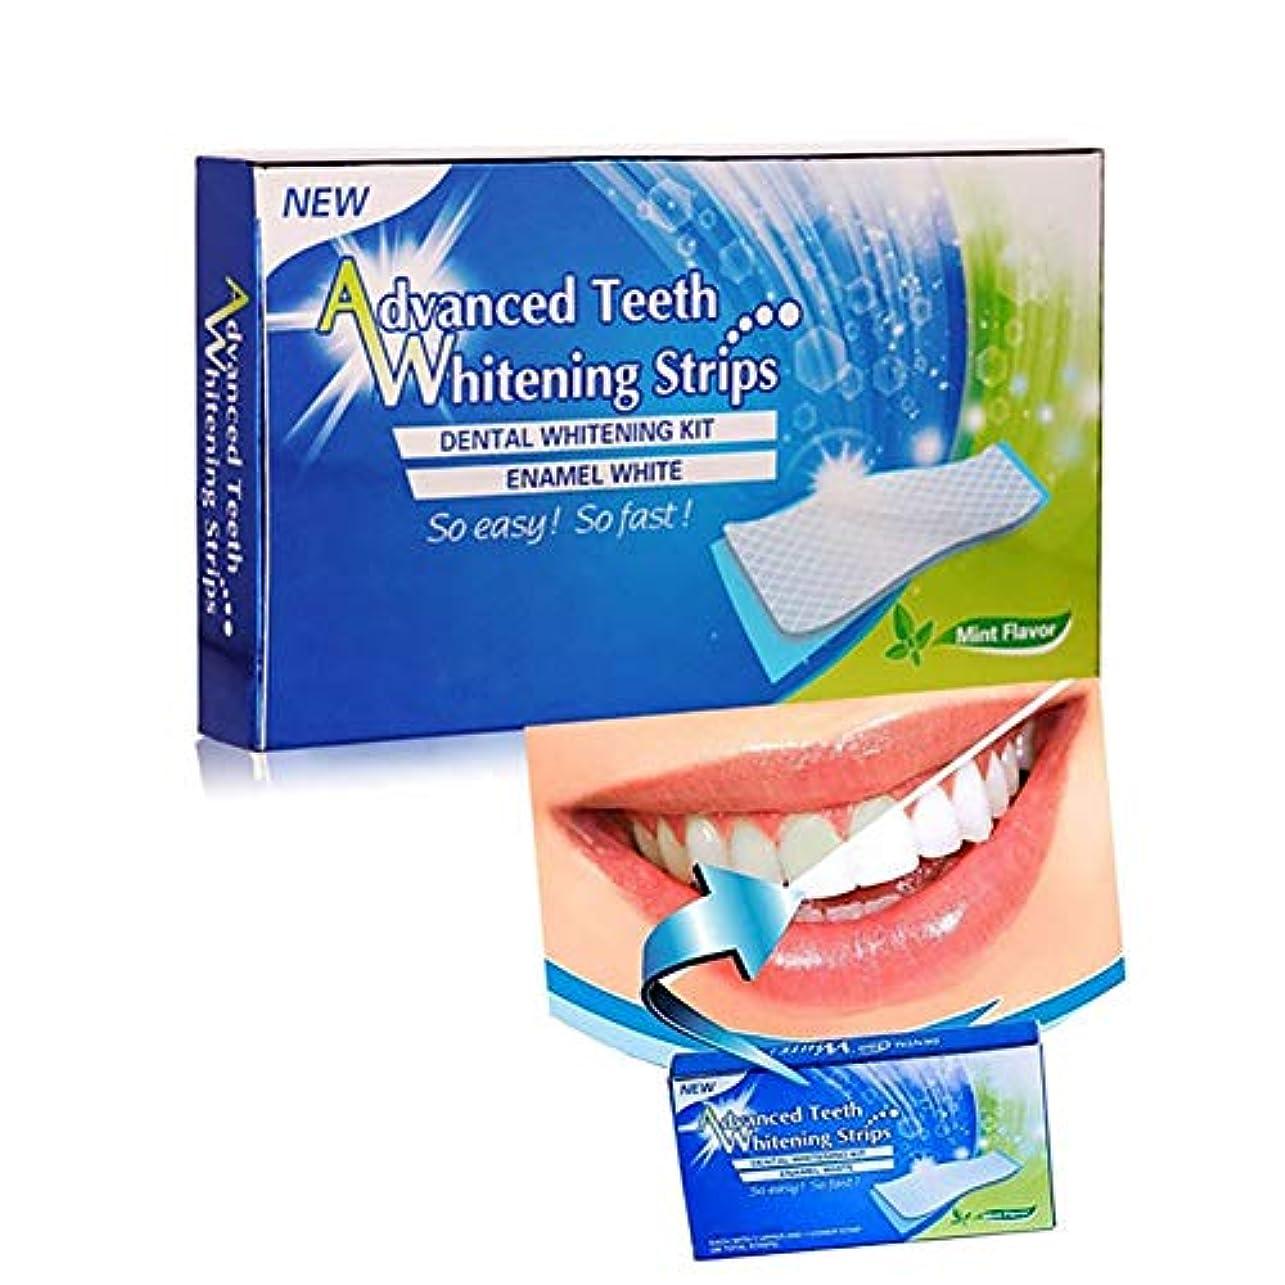 セッティングスタジアム確かに口腔洗浄器3Dホワイトニング歯磨き粉セット、28回